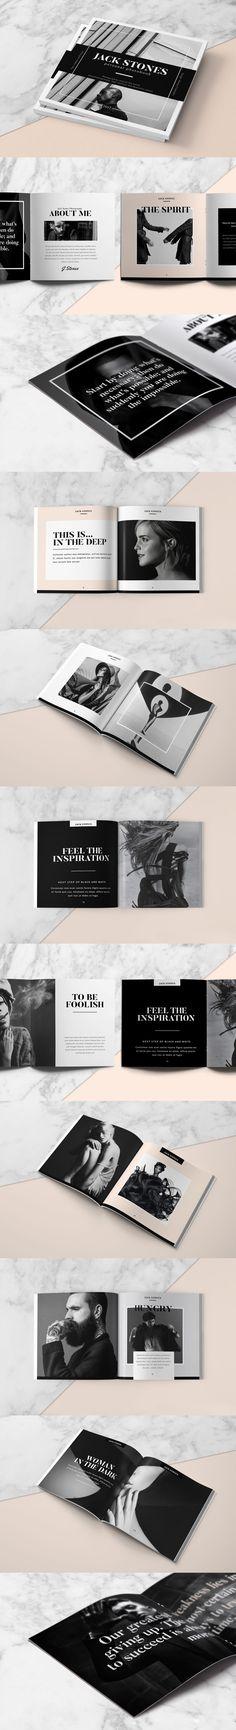 Square Portfolio Book Brochure Template INDD                                                                                                                                                                                 More